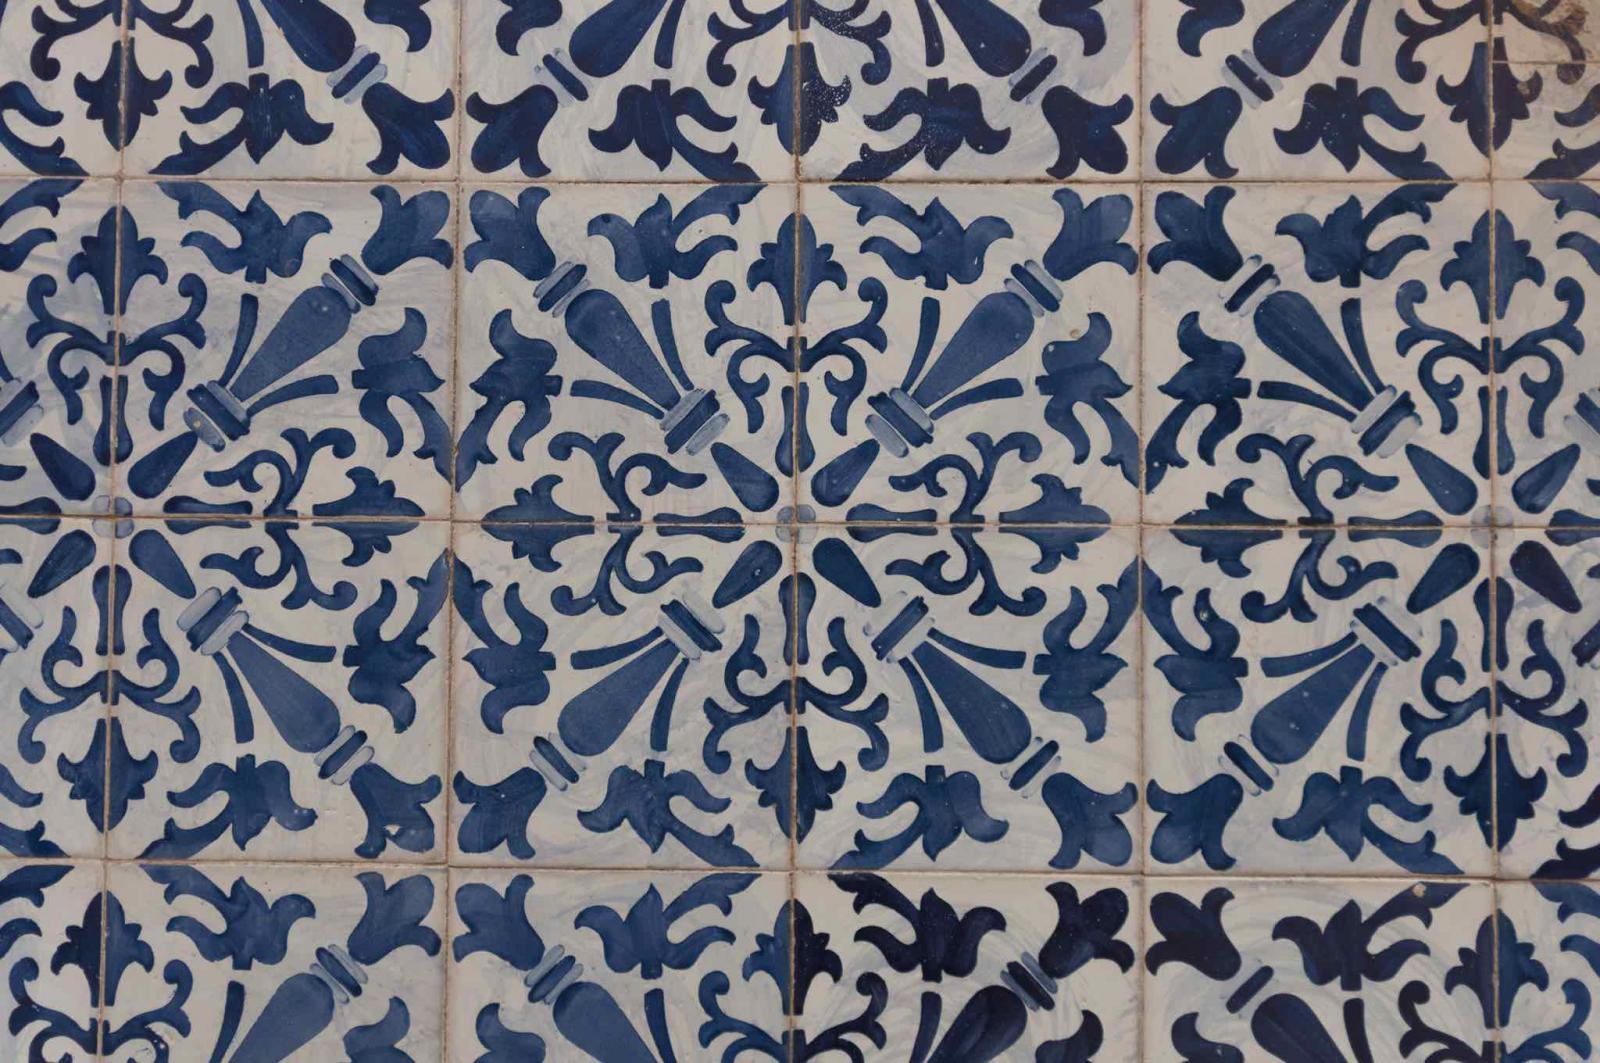 Lisboa secreta a infinita riqueza de azulejos for Casa dos azulejos lisboa